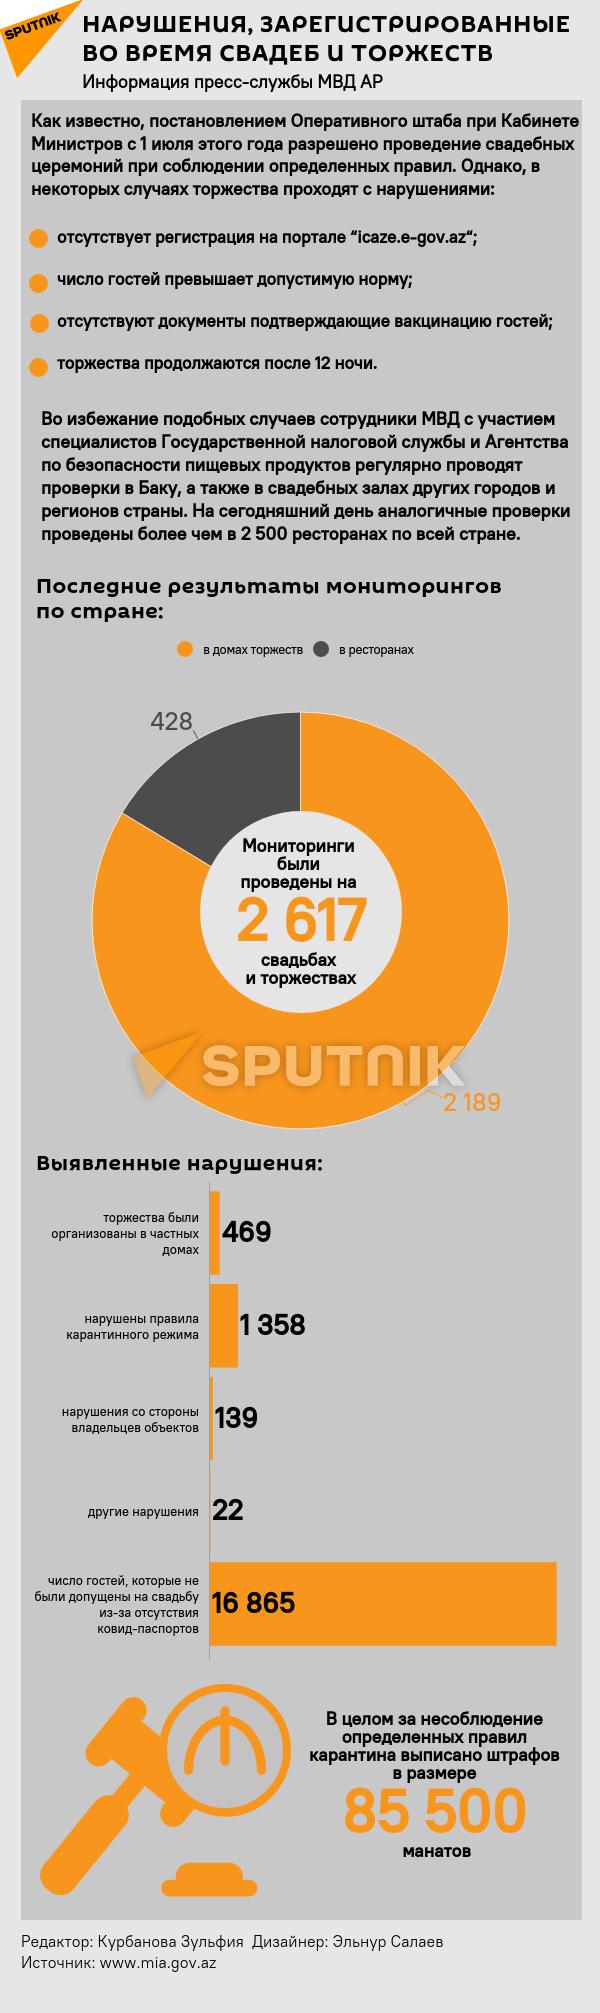 Инфографика: Нарушения, зарегистрированные во время свадебных торжеств - Sputnik Азербайджан, 1920, 17.08.2021